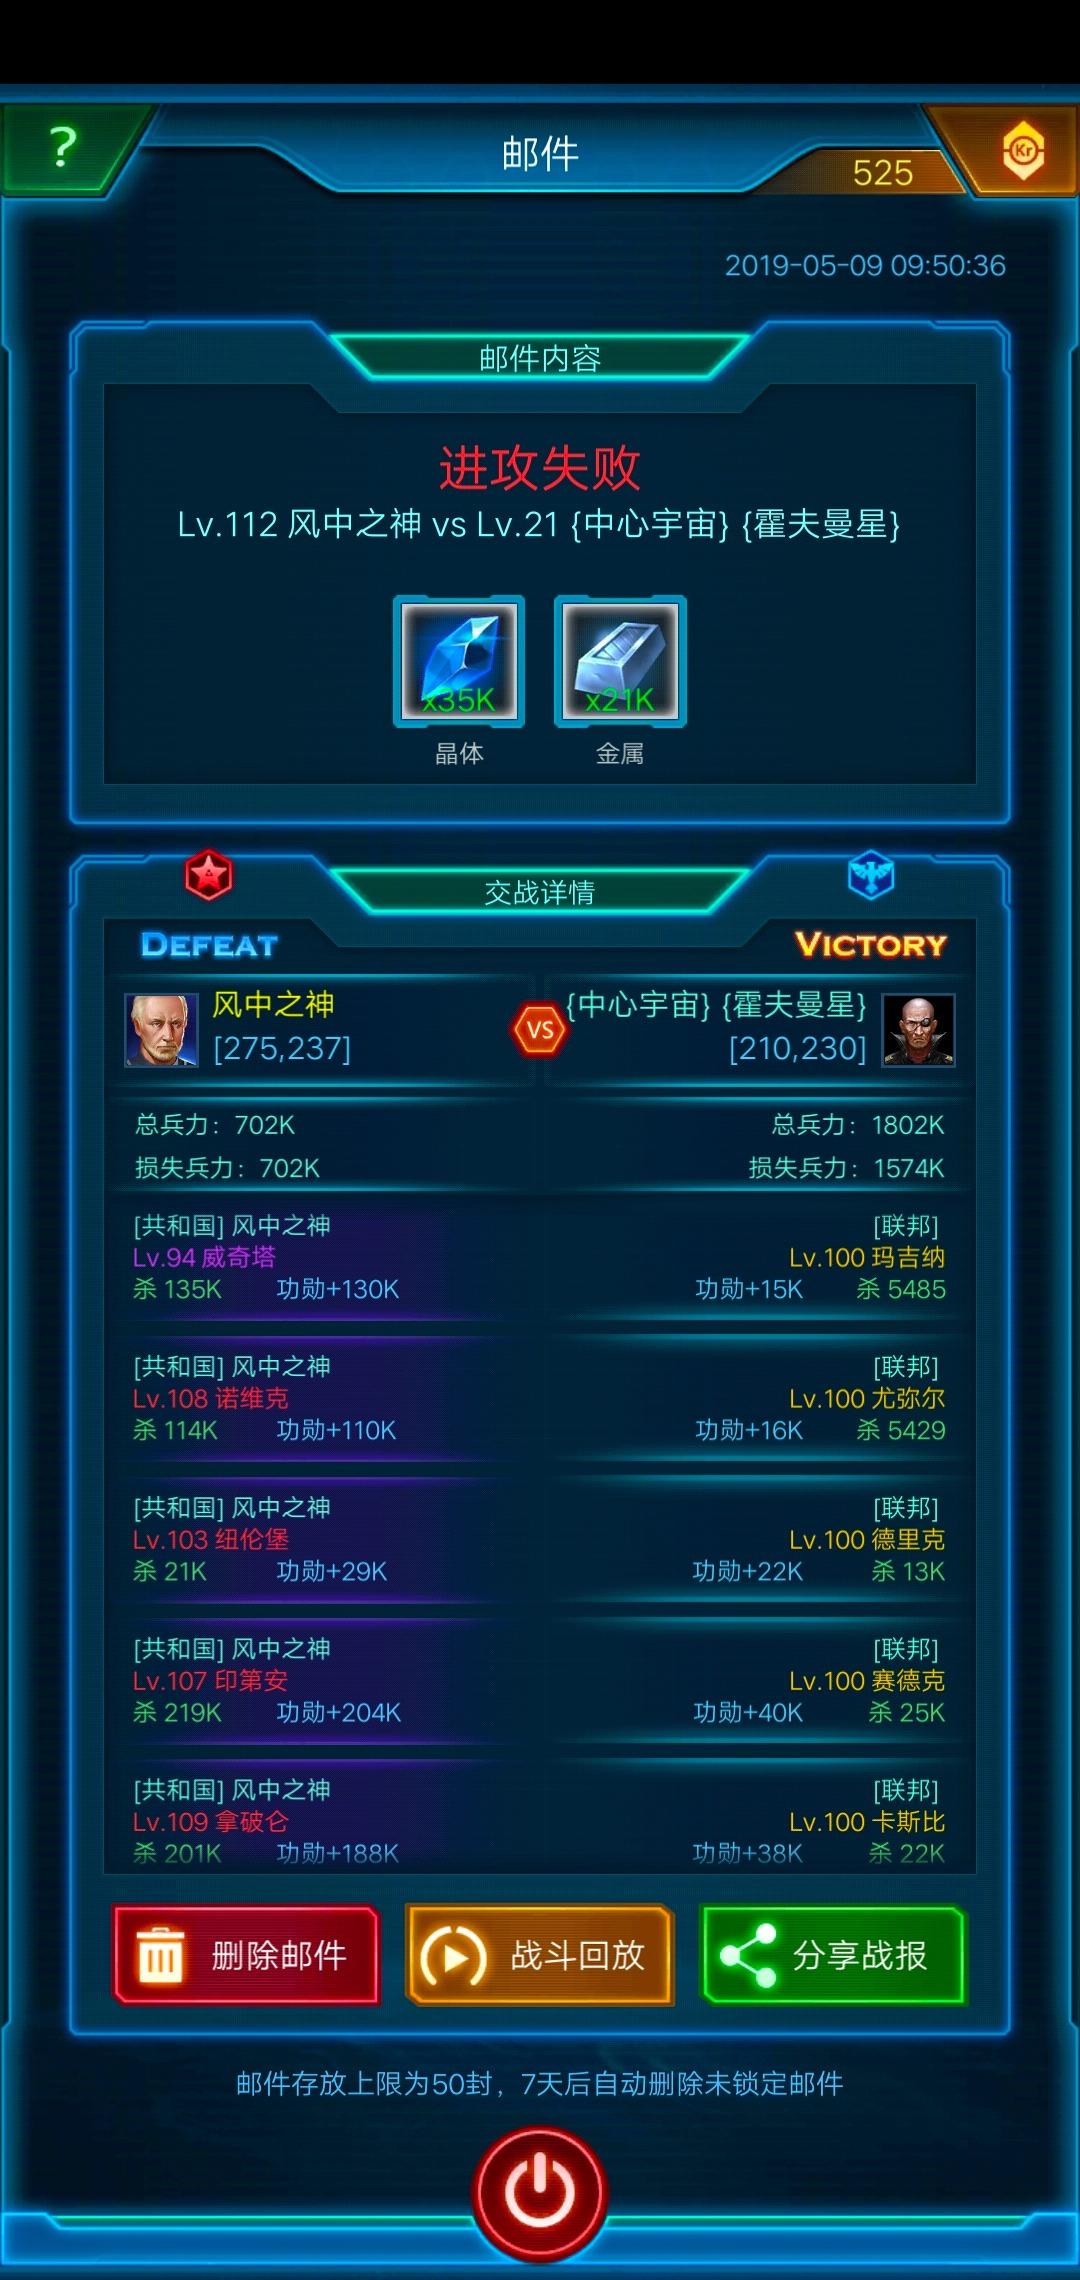 Screenshot_20190509_095129.jpg